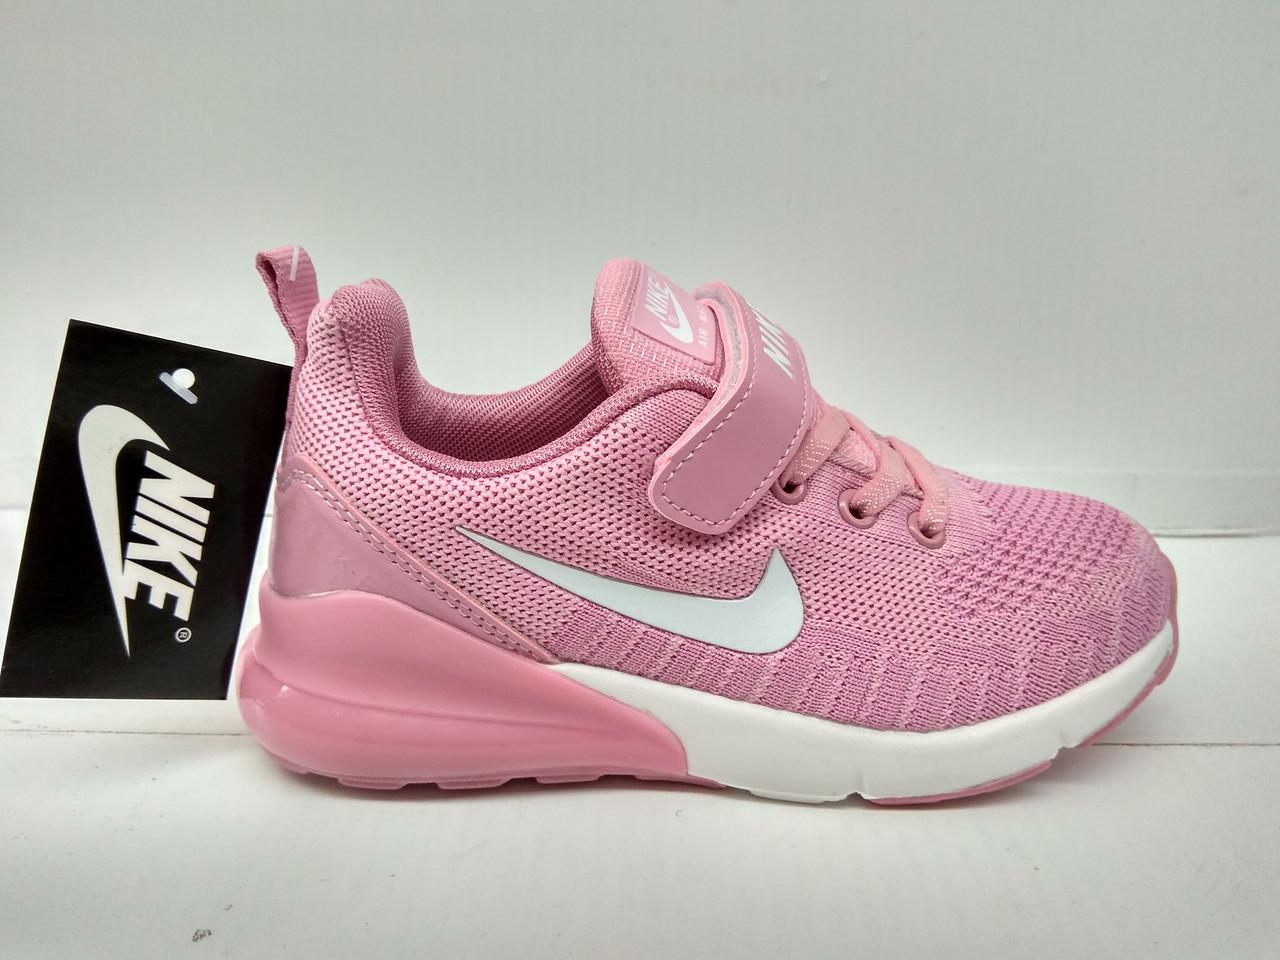 5b46b812b Кроссовки Nike оптом E3539-4 (р.32-37) реплика Вьетнам, цена 425 грн ...